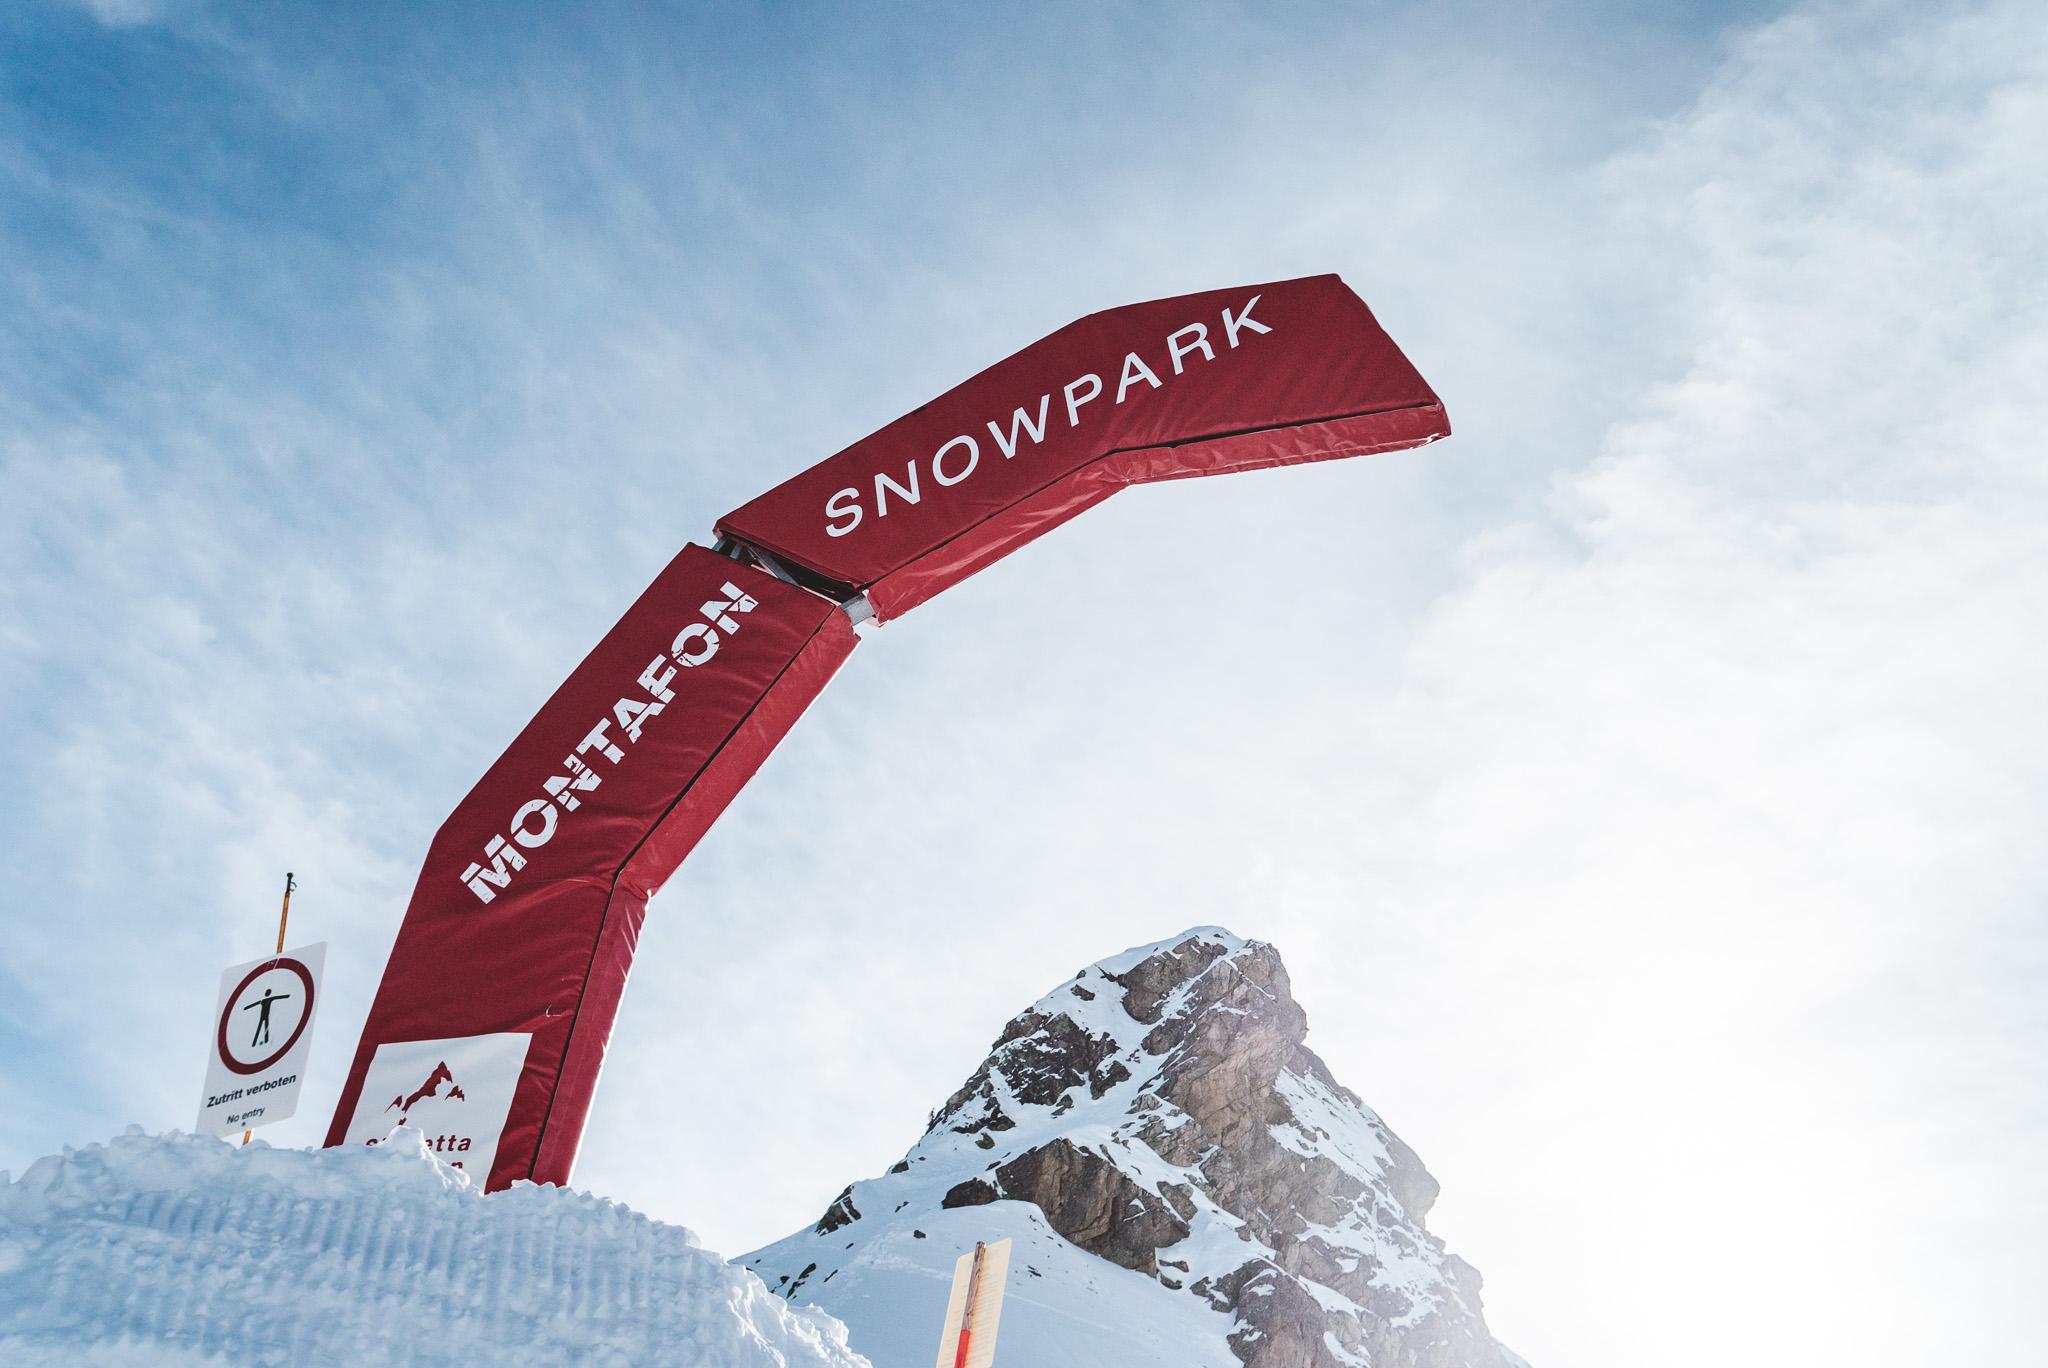 Nach dem Ausstieg aus dem 2er Sesellift findet ihr unübersehbar den Eingang zum Snowpark Montafon.